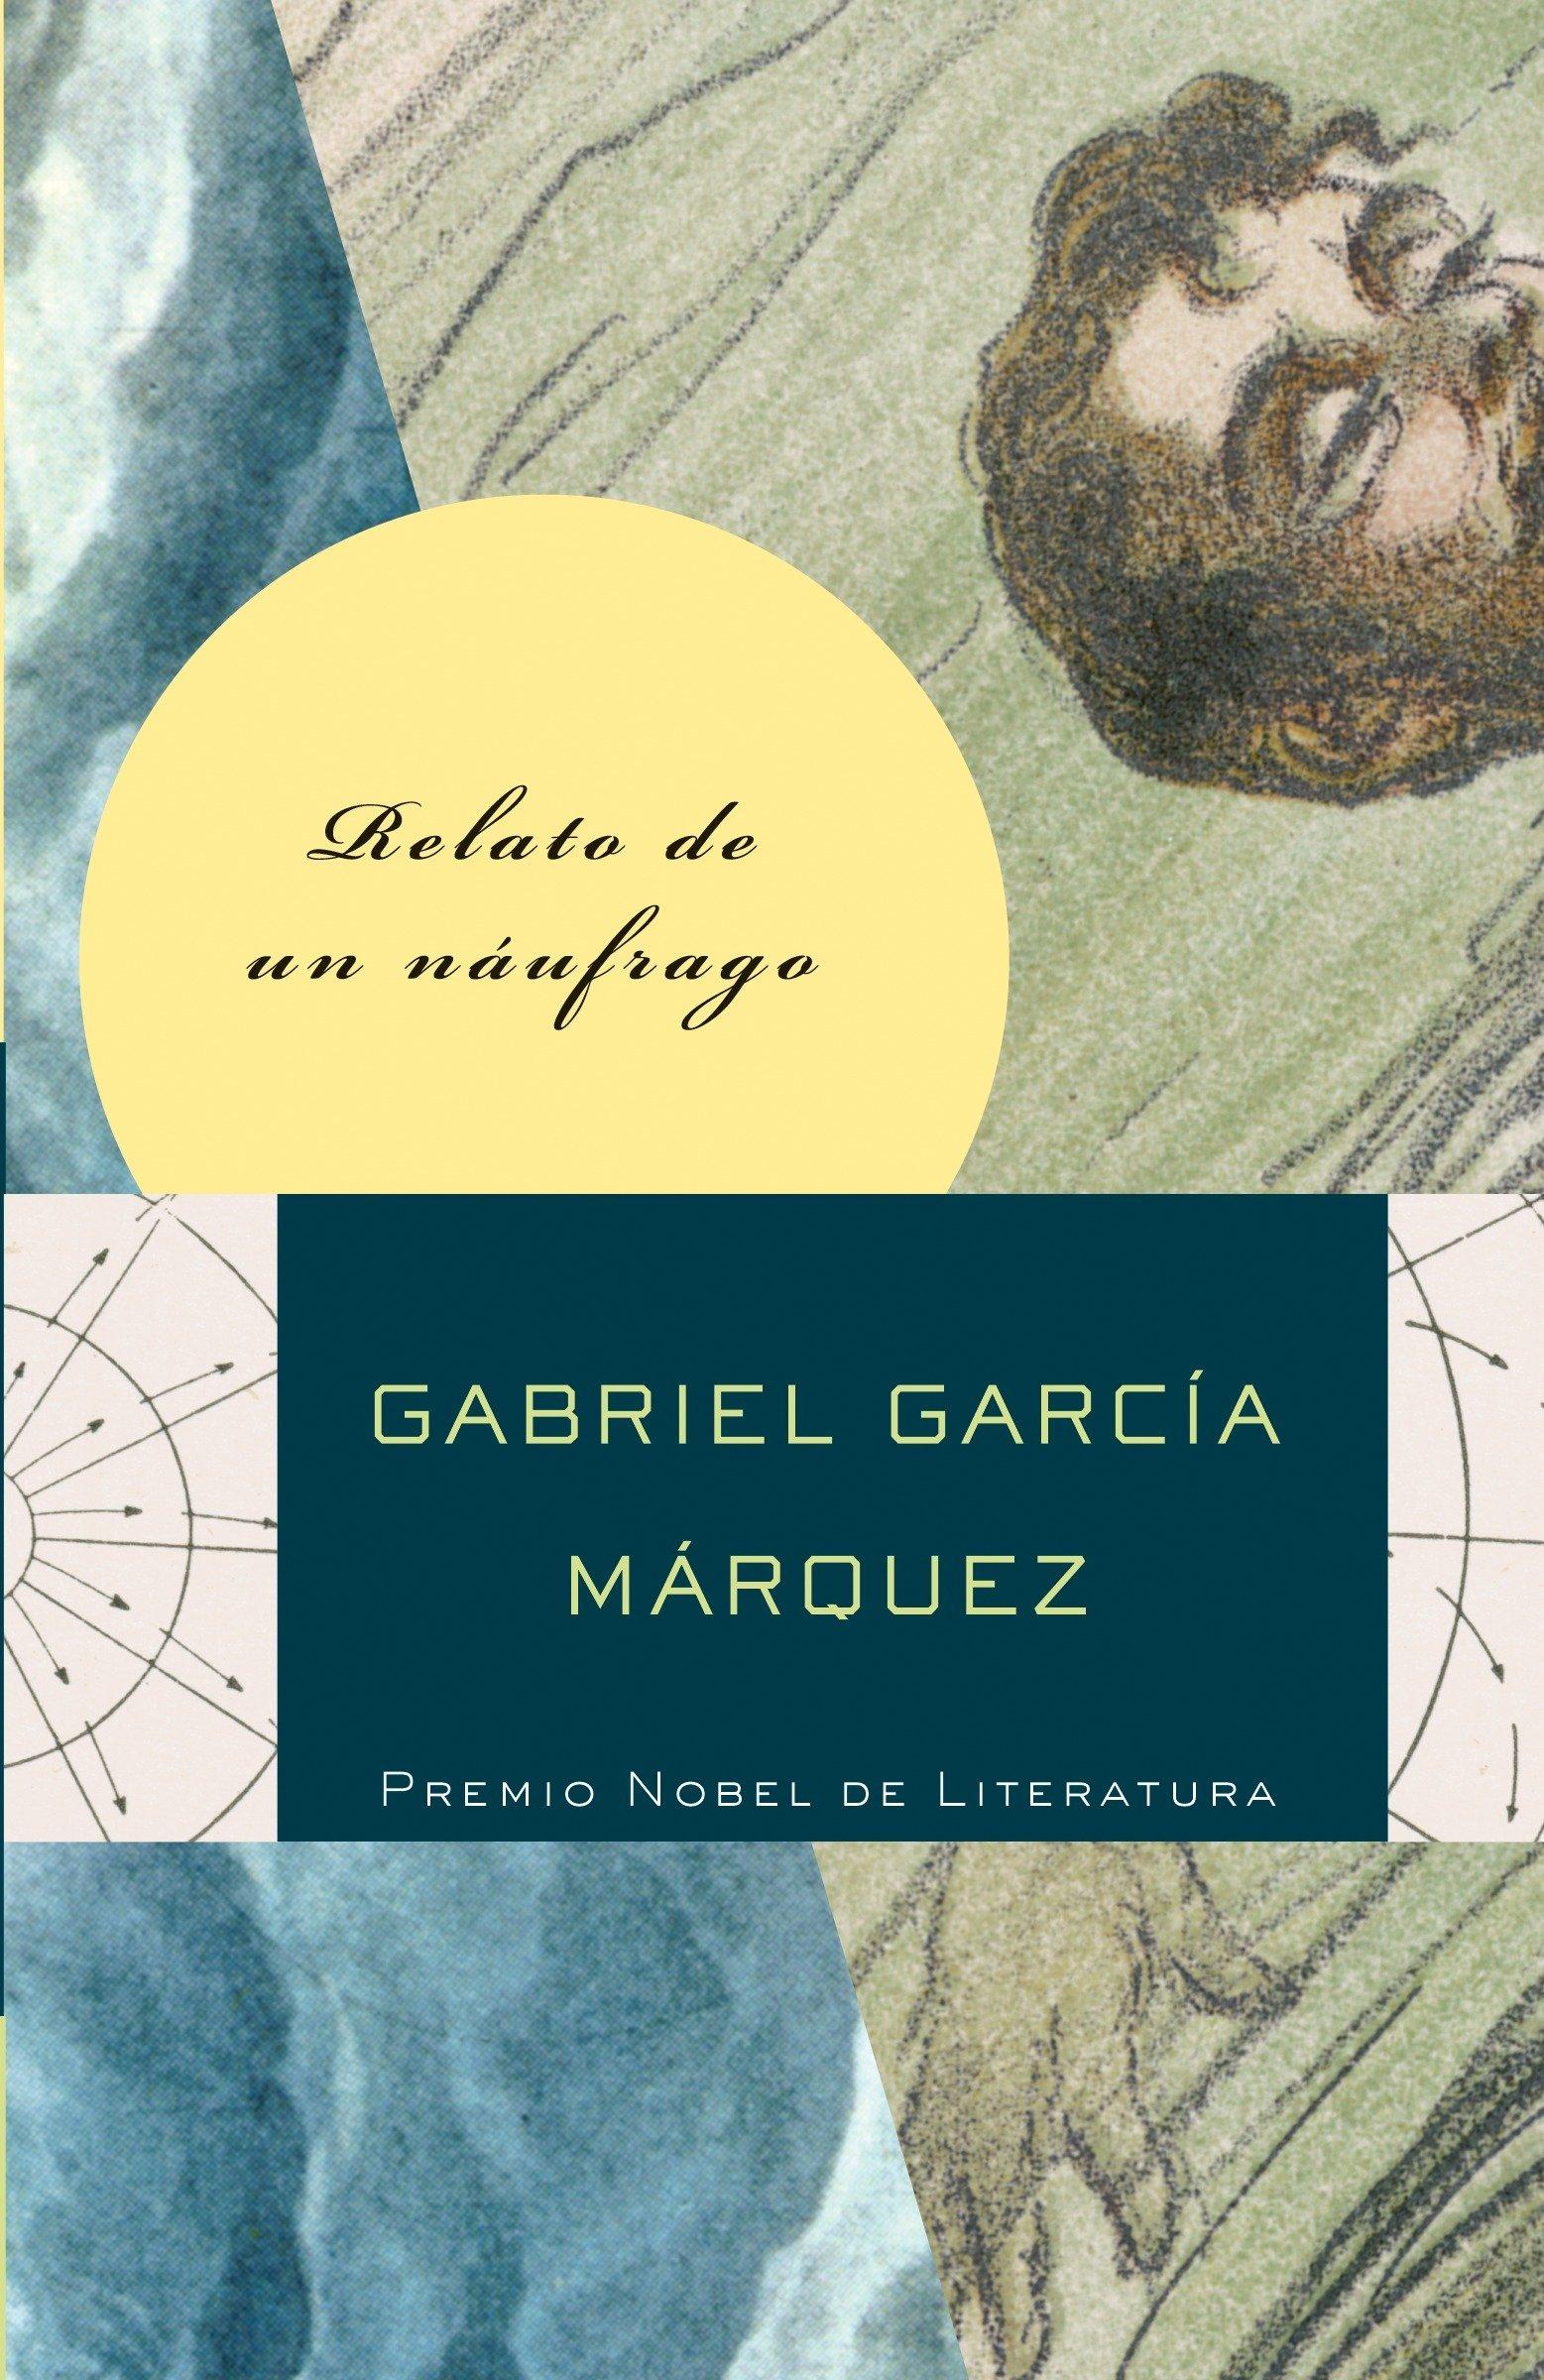 NÁUFRAGO GARCÍA MÁRQUEZ